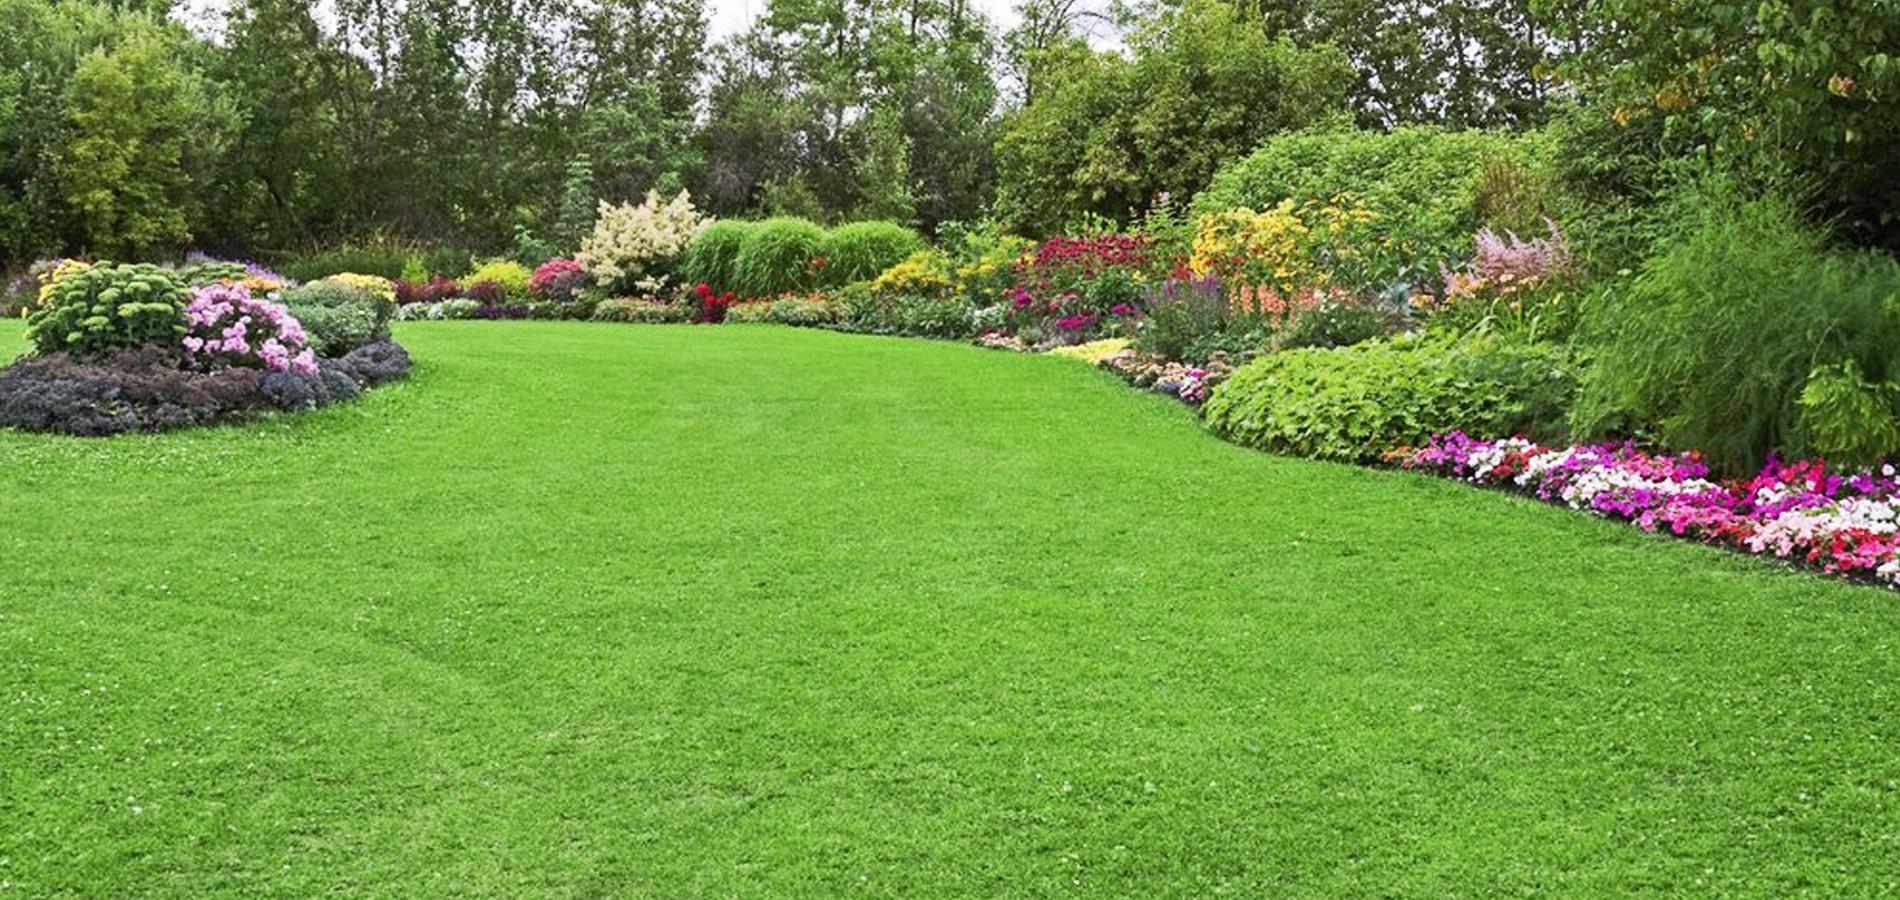 Arriva il bonus terrazzi e giardini nella legge di for Laghetti nei giardini